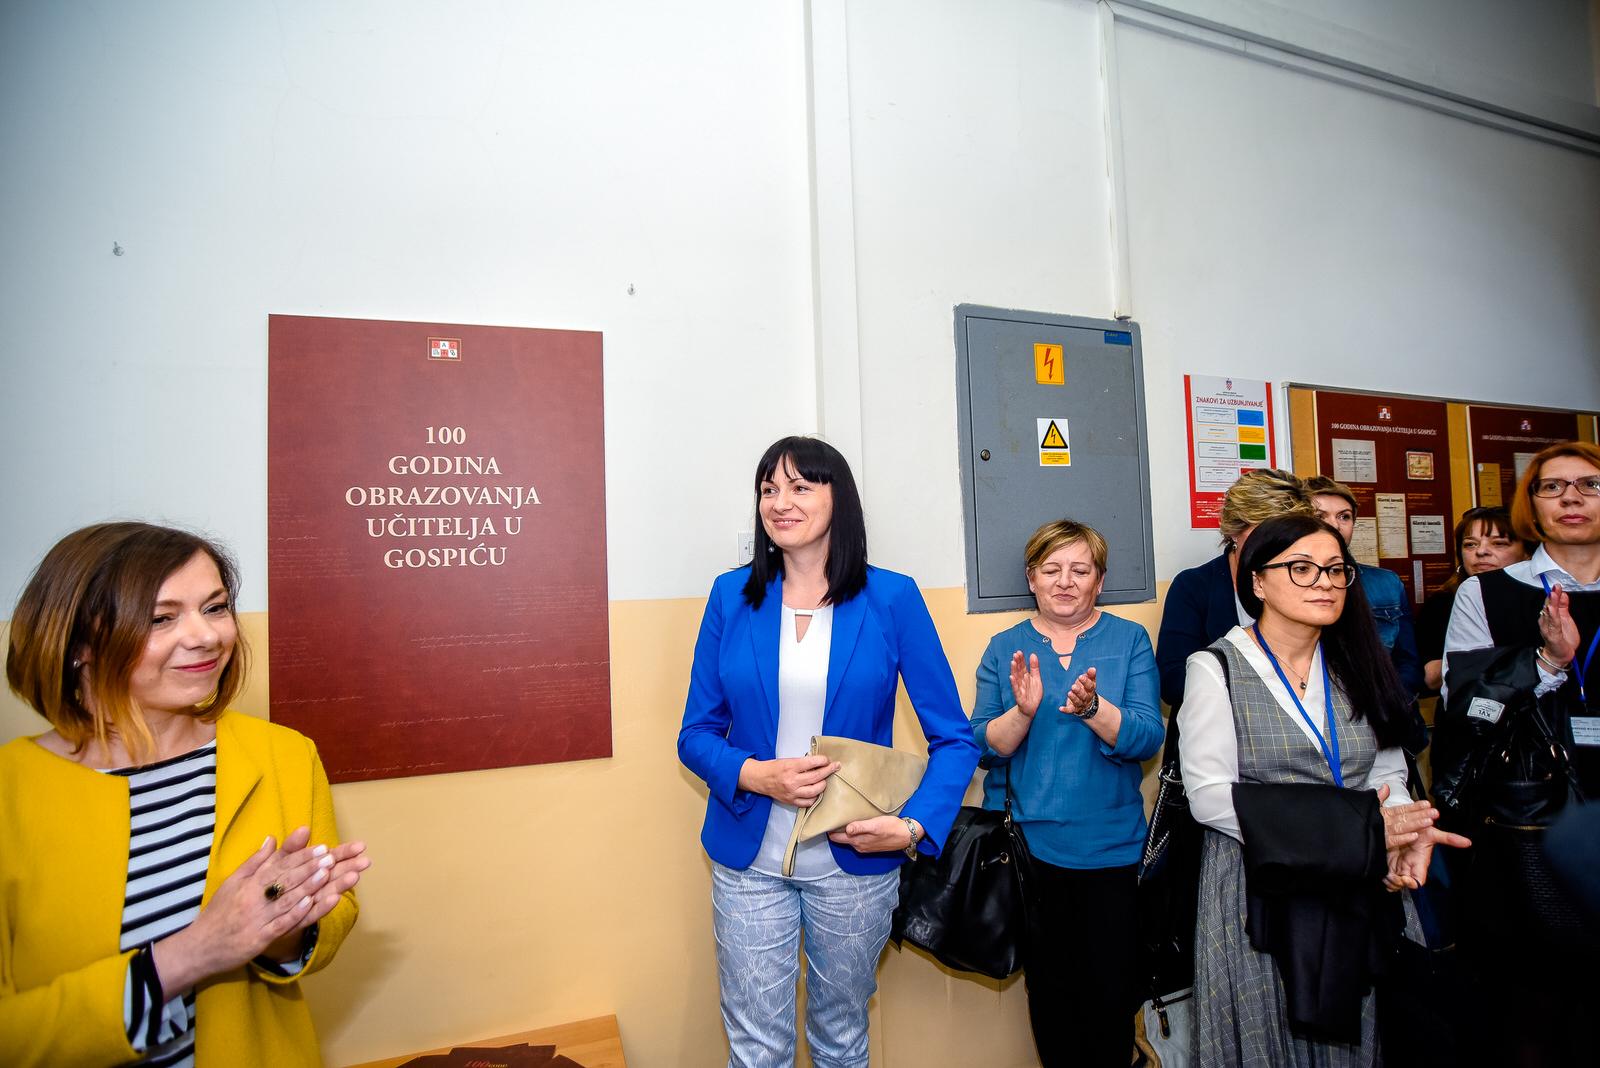 likaclub_gospić_100-godina-obrazovanja-učitelja-u-gospiću_2019-17